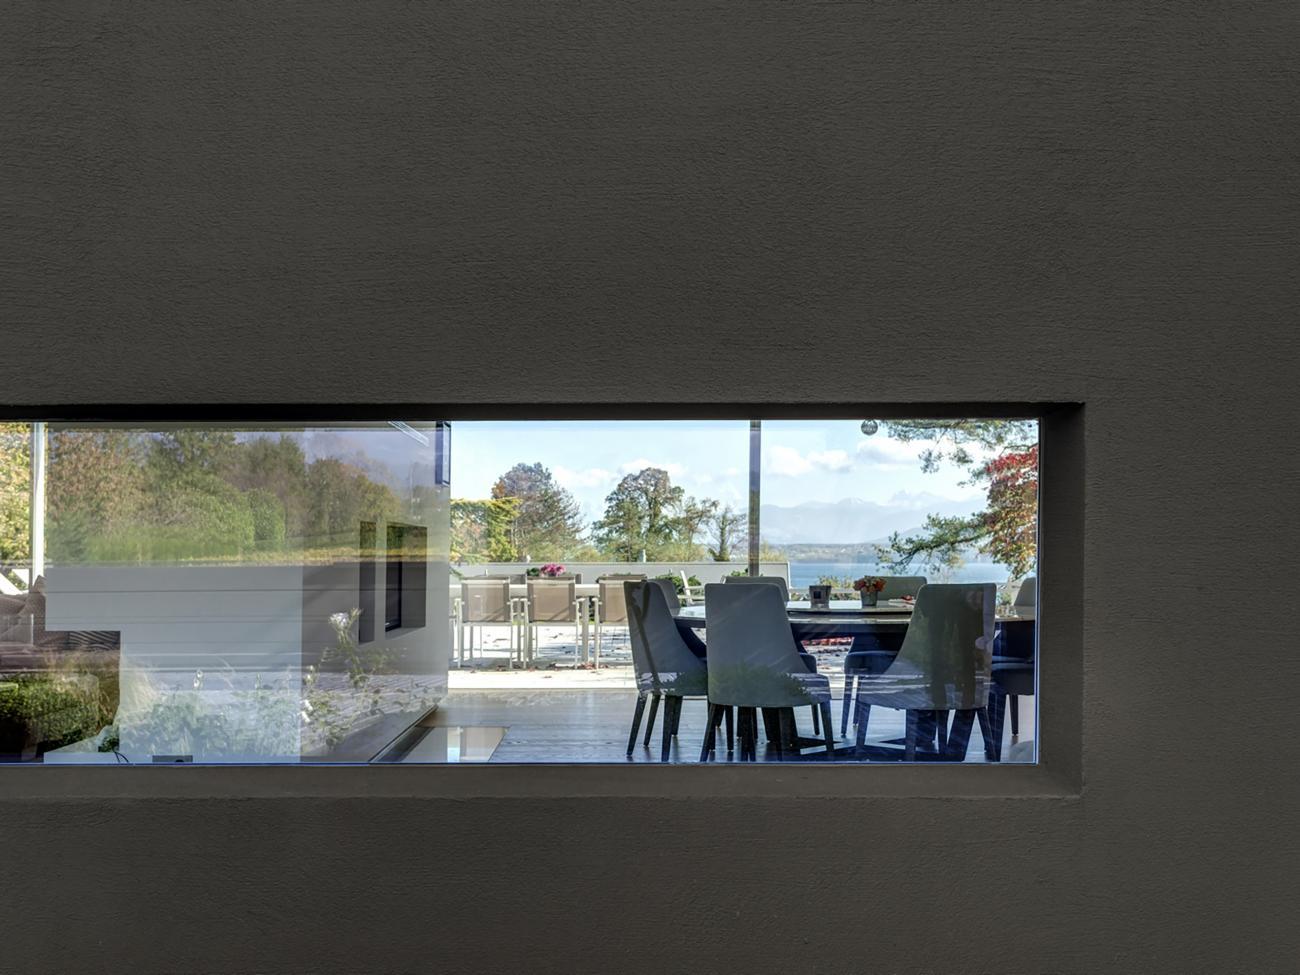 Full Size of Rahmenlose Fenster Aron 3 Fach Verglasung Salamander Drutex Test Bodentiefe Online Konfigurator Sonnenschutzfolie Innen Sonnenschutz Zwangsbelüftung Fenster Rahmenlose Fenster